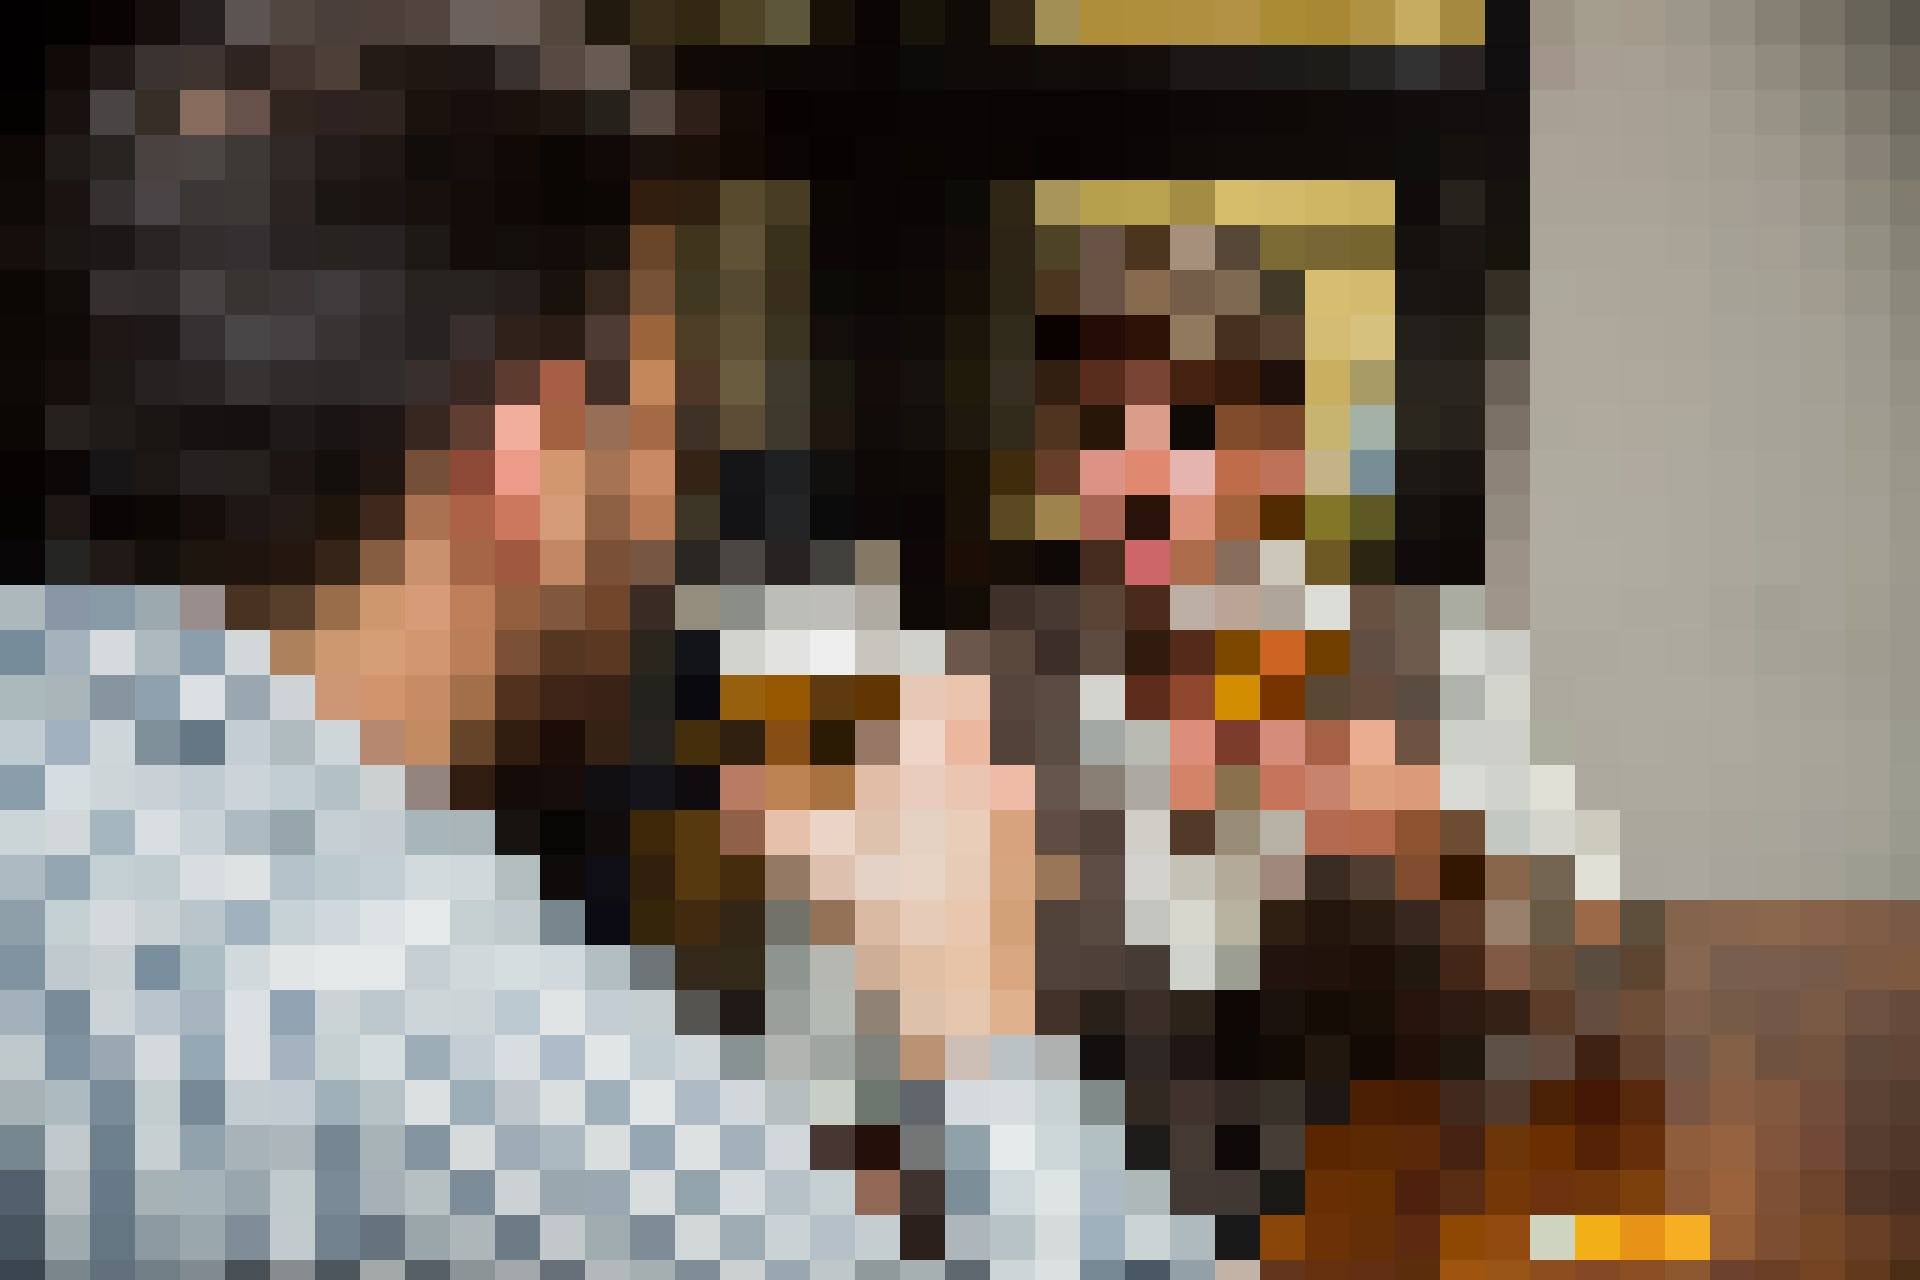 Im Idealfall wird das Glas bevorzugt, welches die Brauerei für ihr Bier vorschlägt